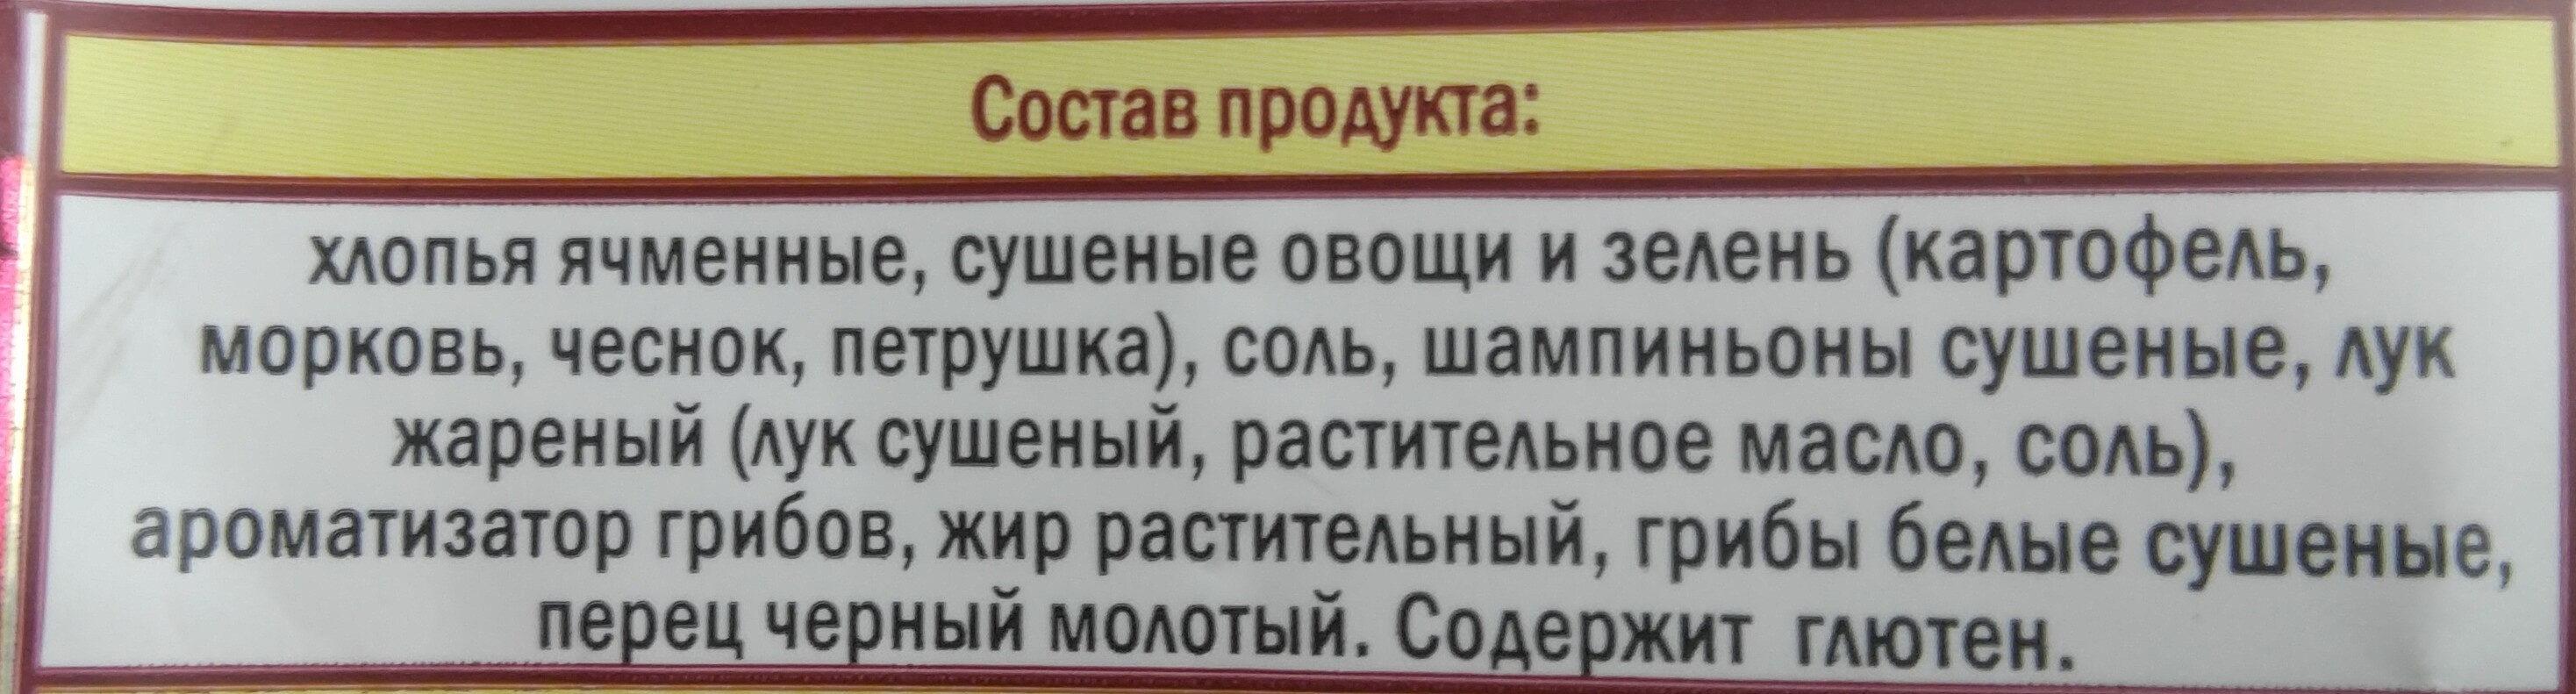 Суп грибной - Ingrédients - ru